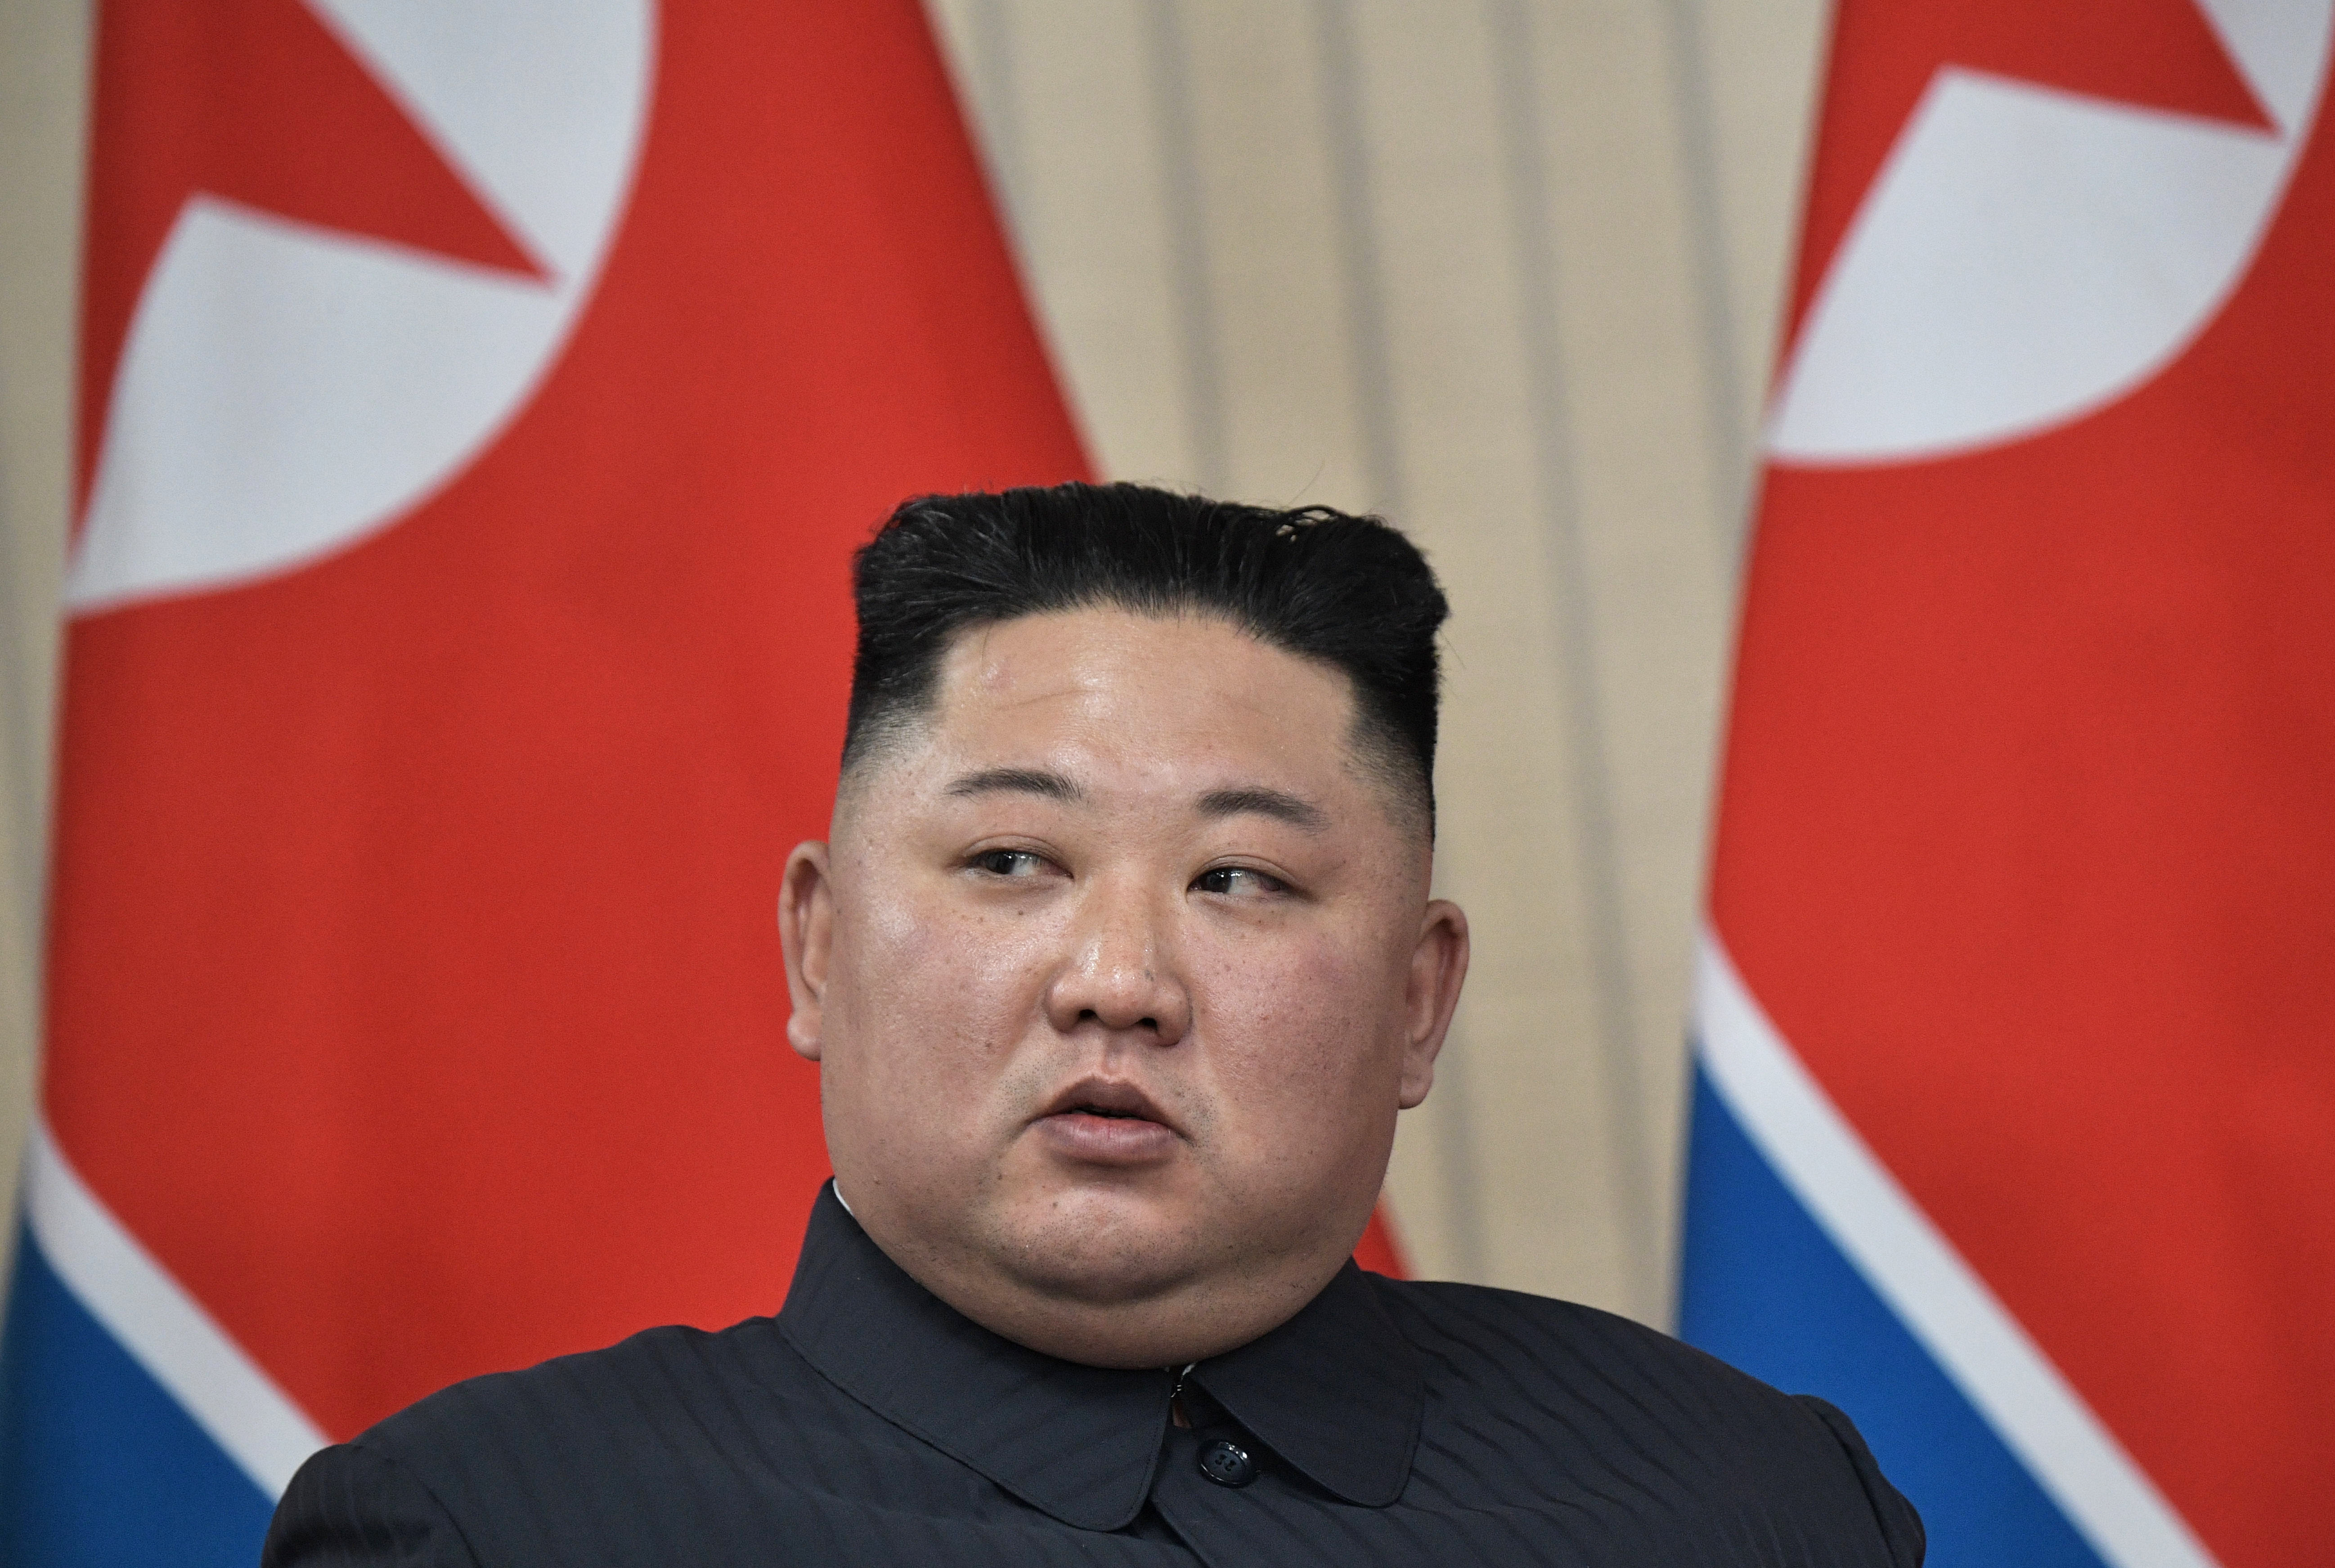 Már a K-pop frizuráért is munkatábor jár Észak-Koreában